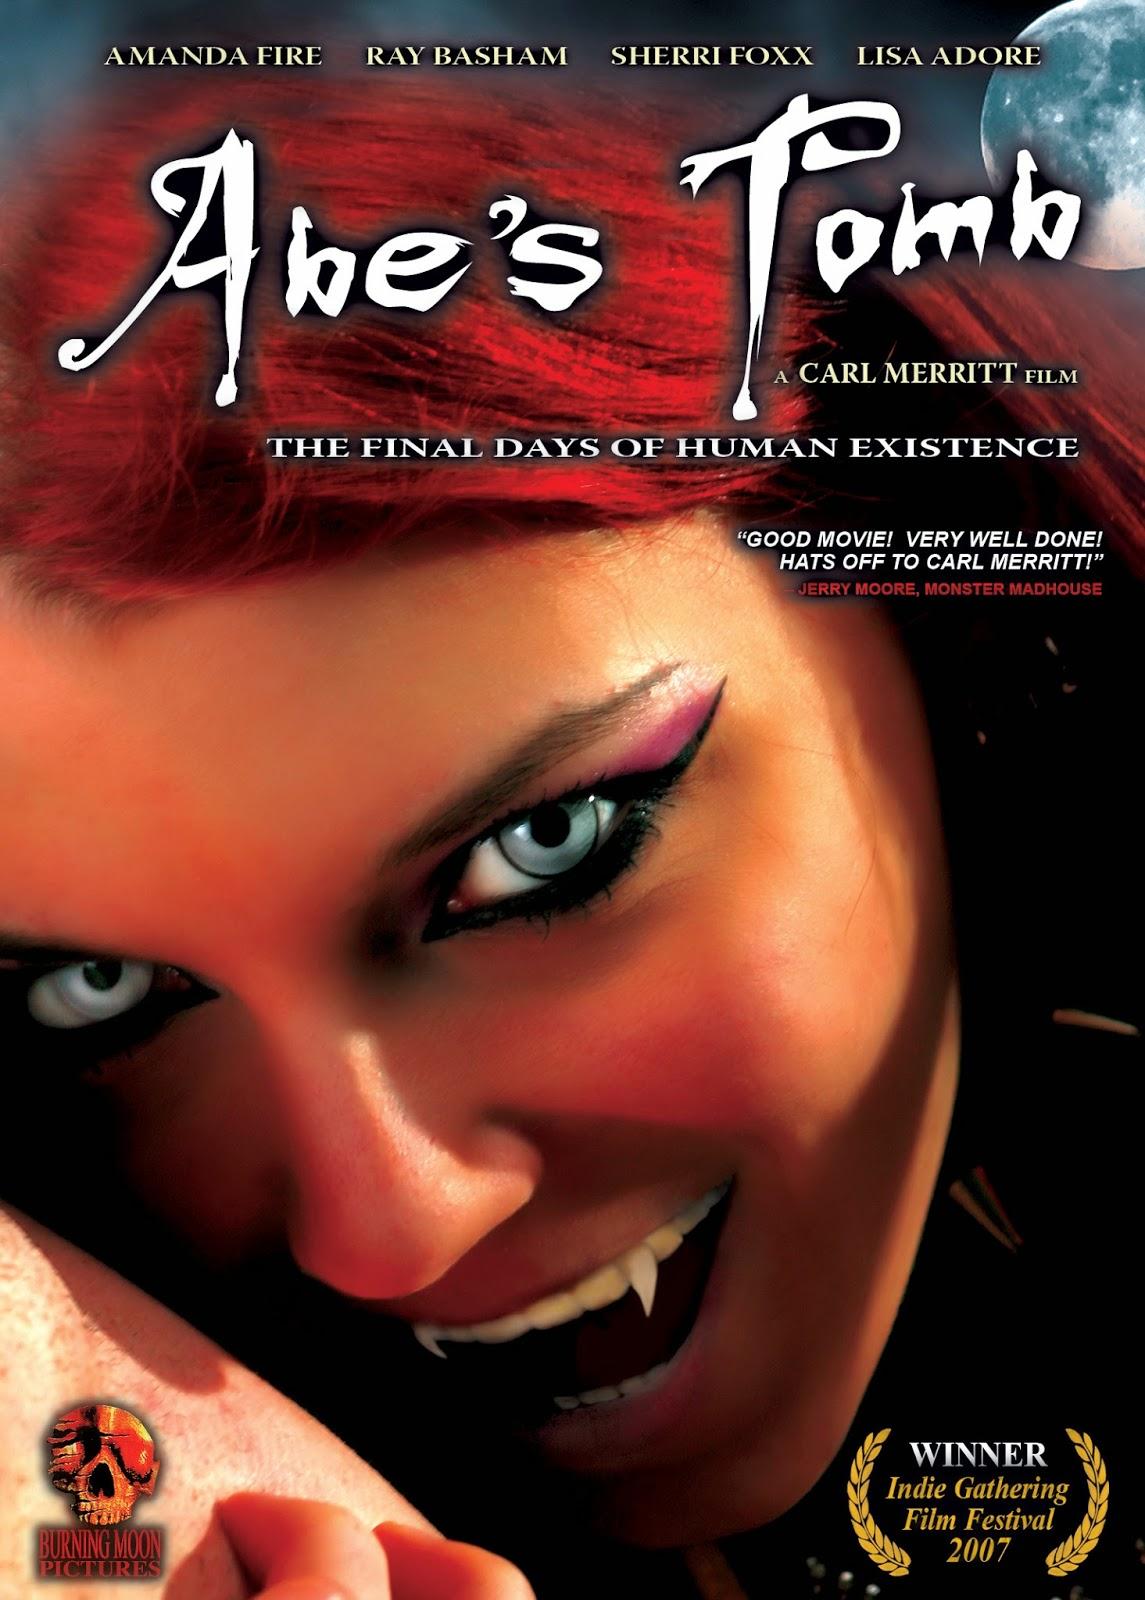 http://www.vampirebeauties.com/2014/02/vampiress-review-abes-tomb.html